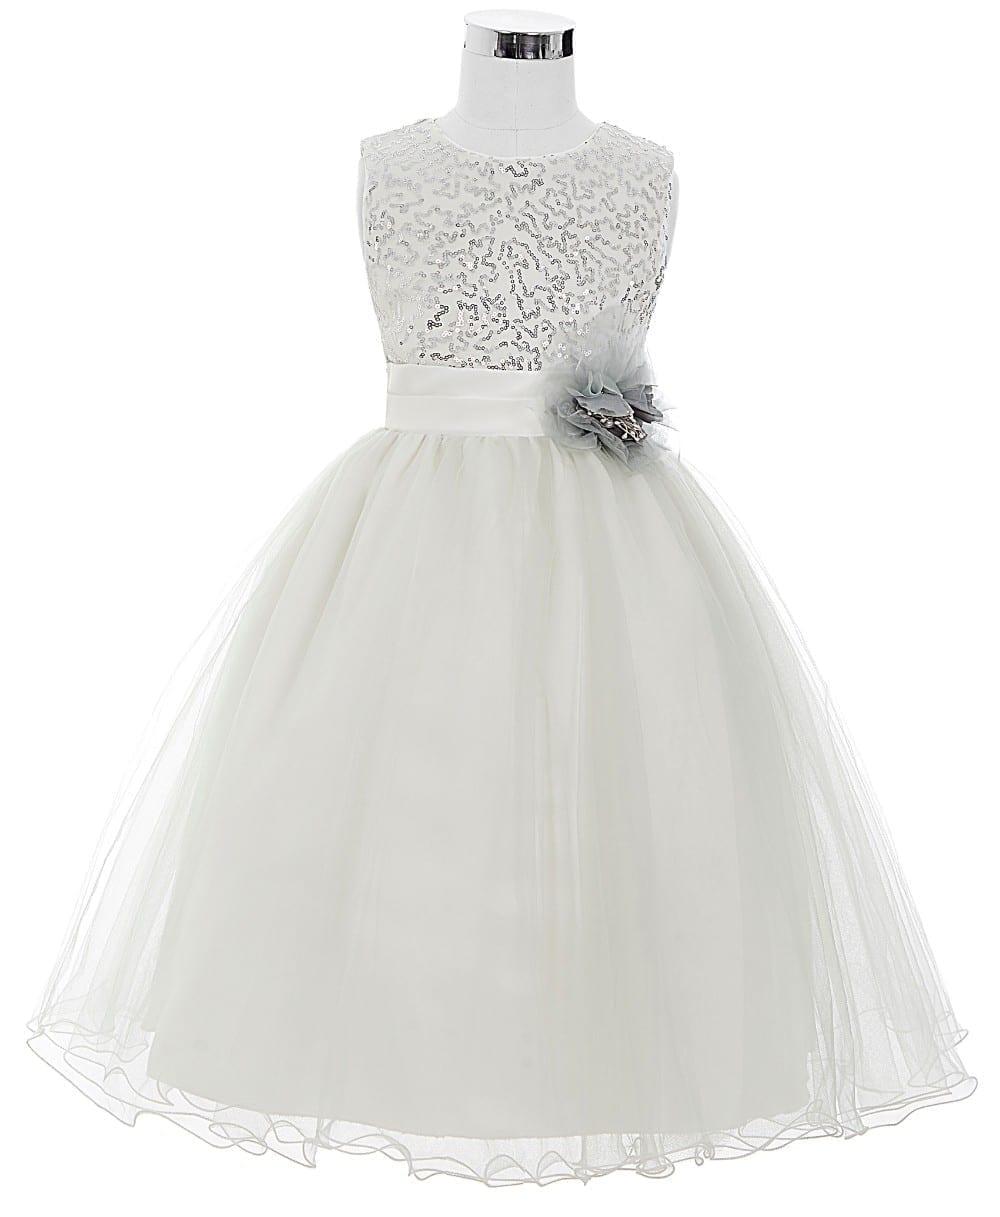 Sleeveless Satin Tulle Princess Flower Girl Dress